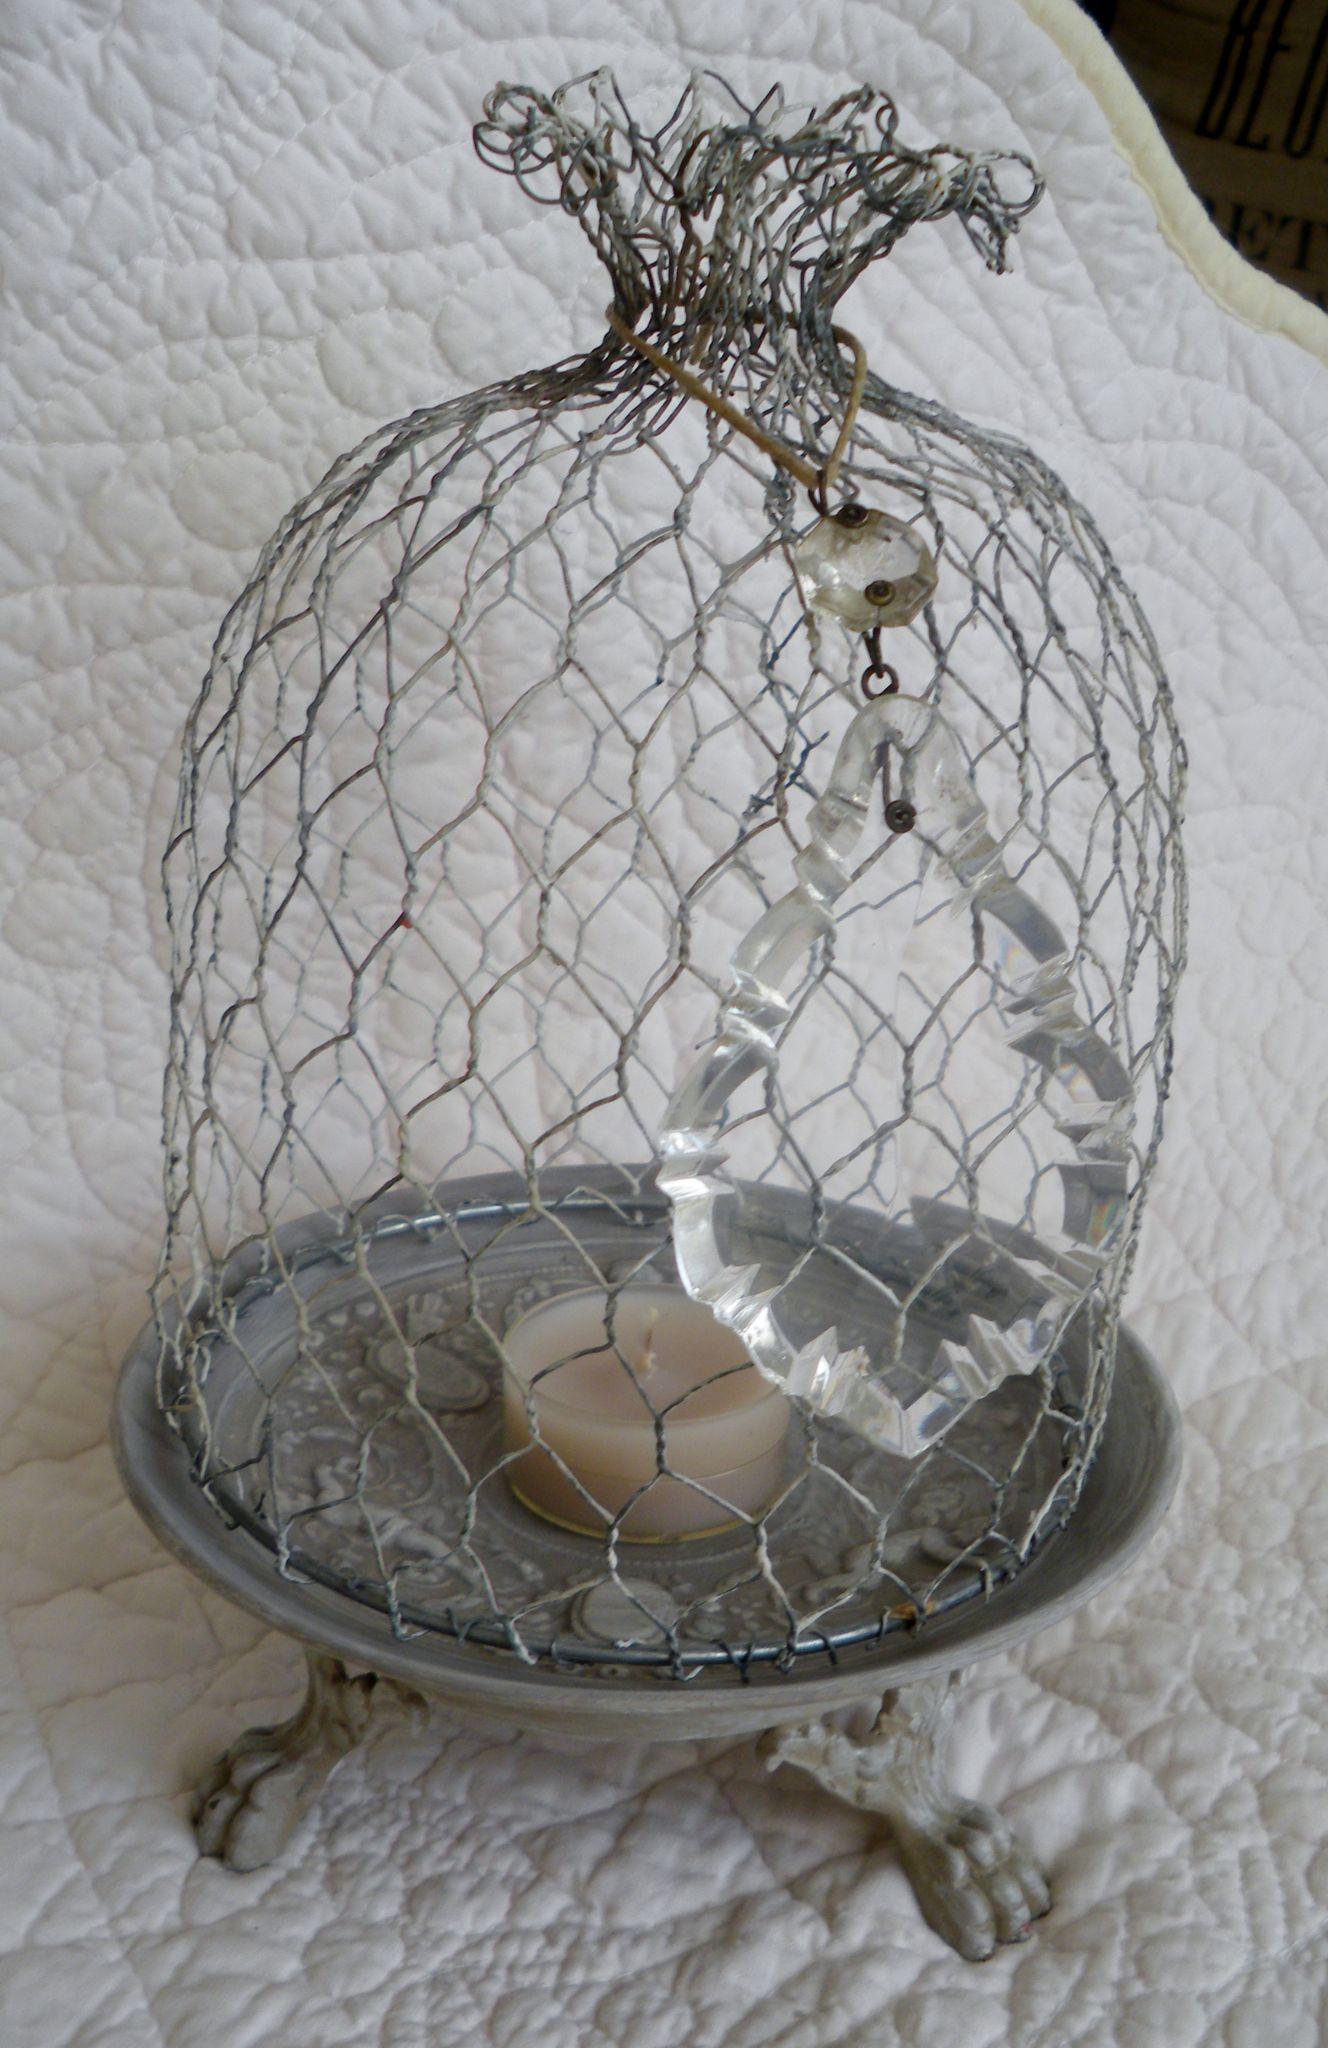 IMGP4837 | CLOCHES 2 | Chicken wire crafts, Chicken wire, Easter crafts